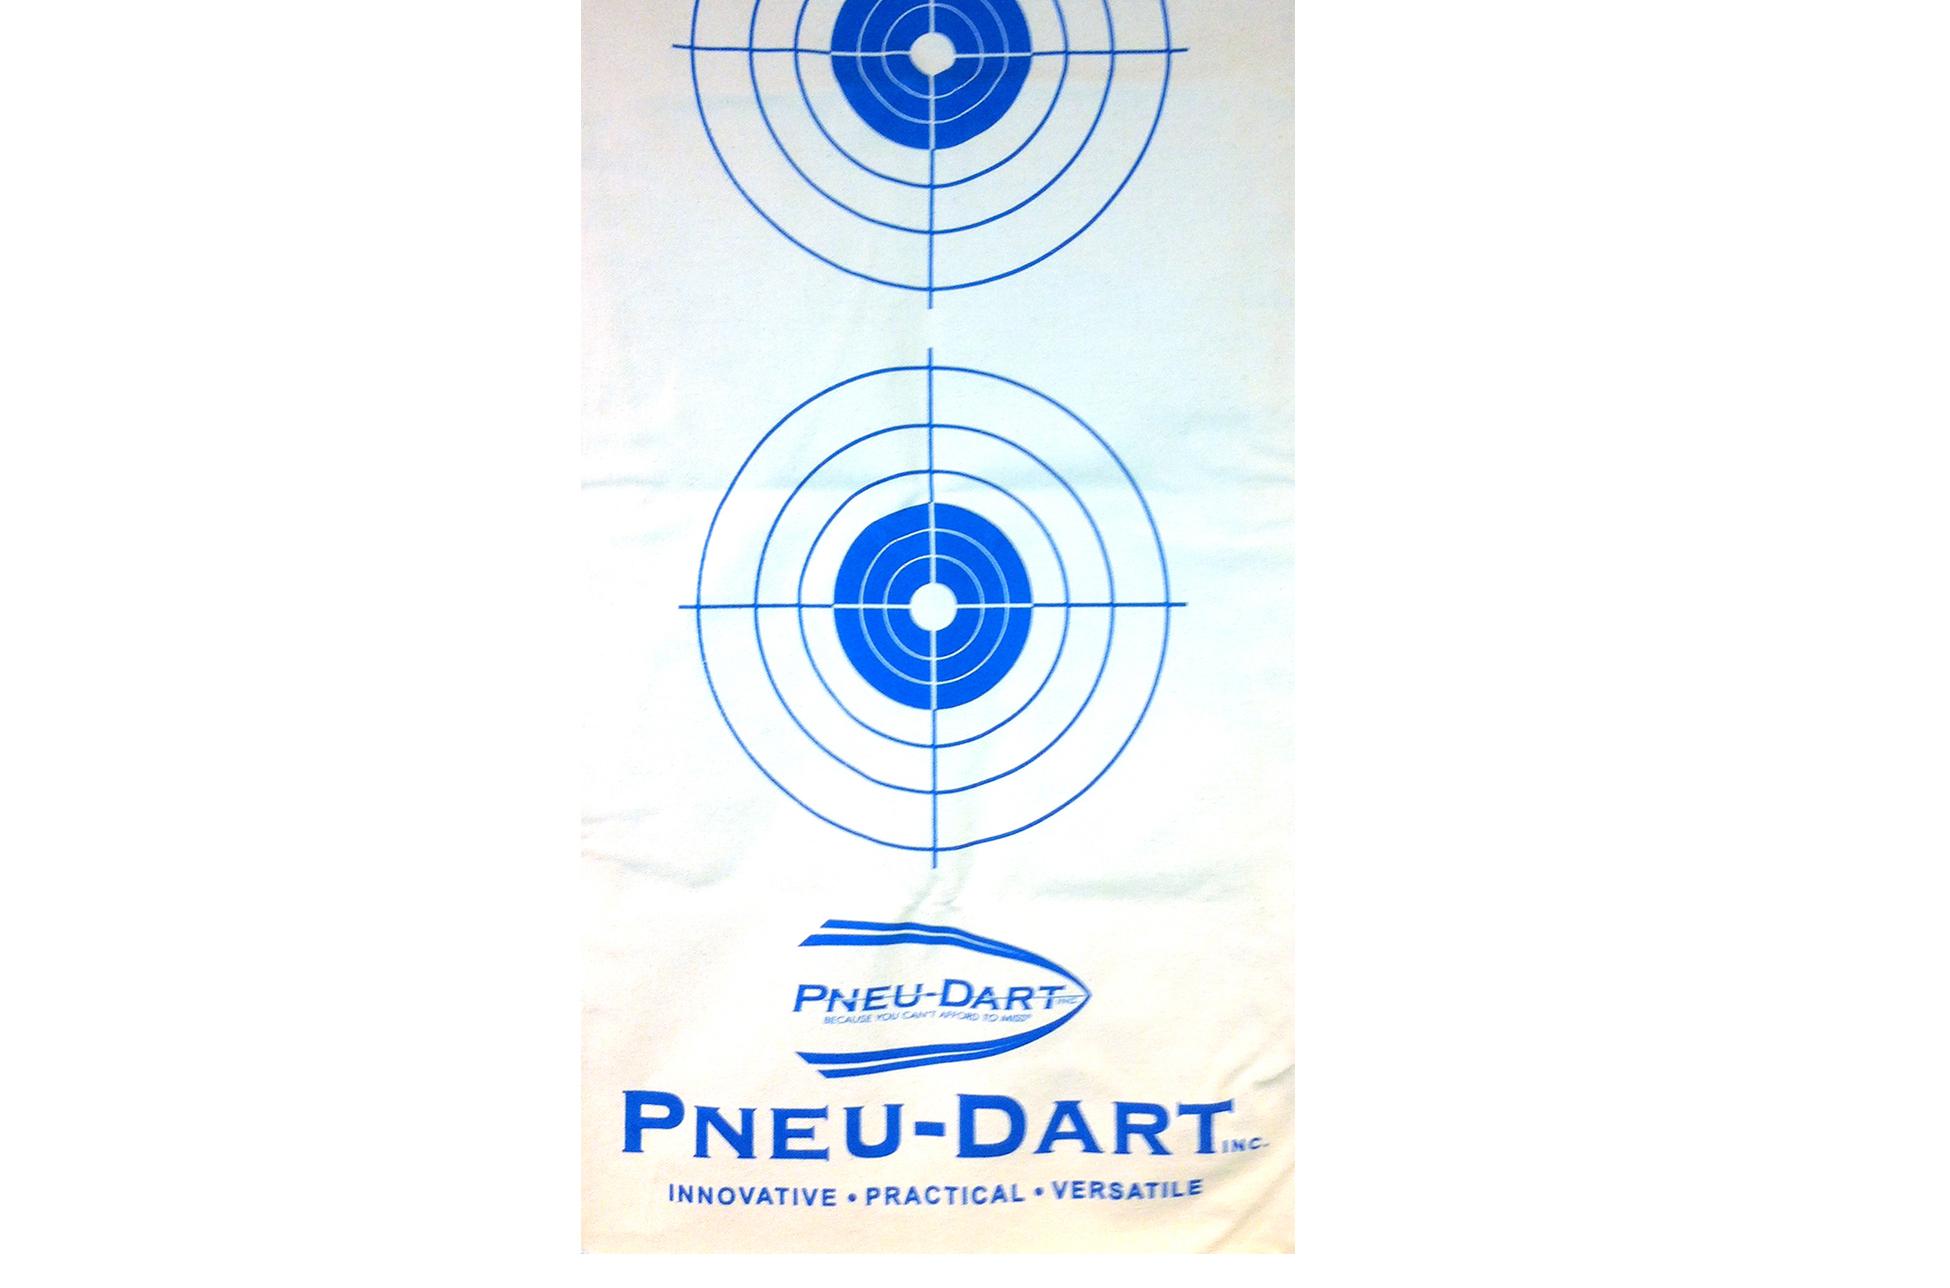 Pneu-Dart Target